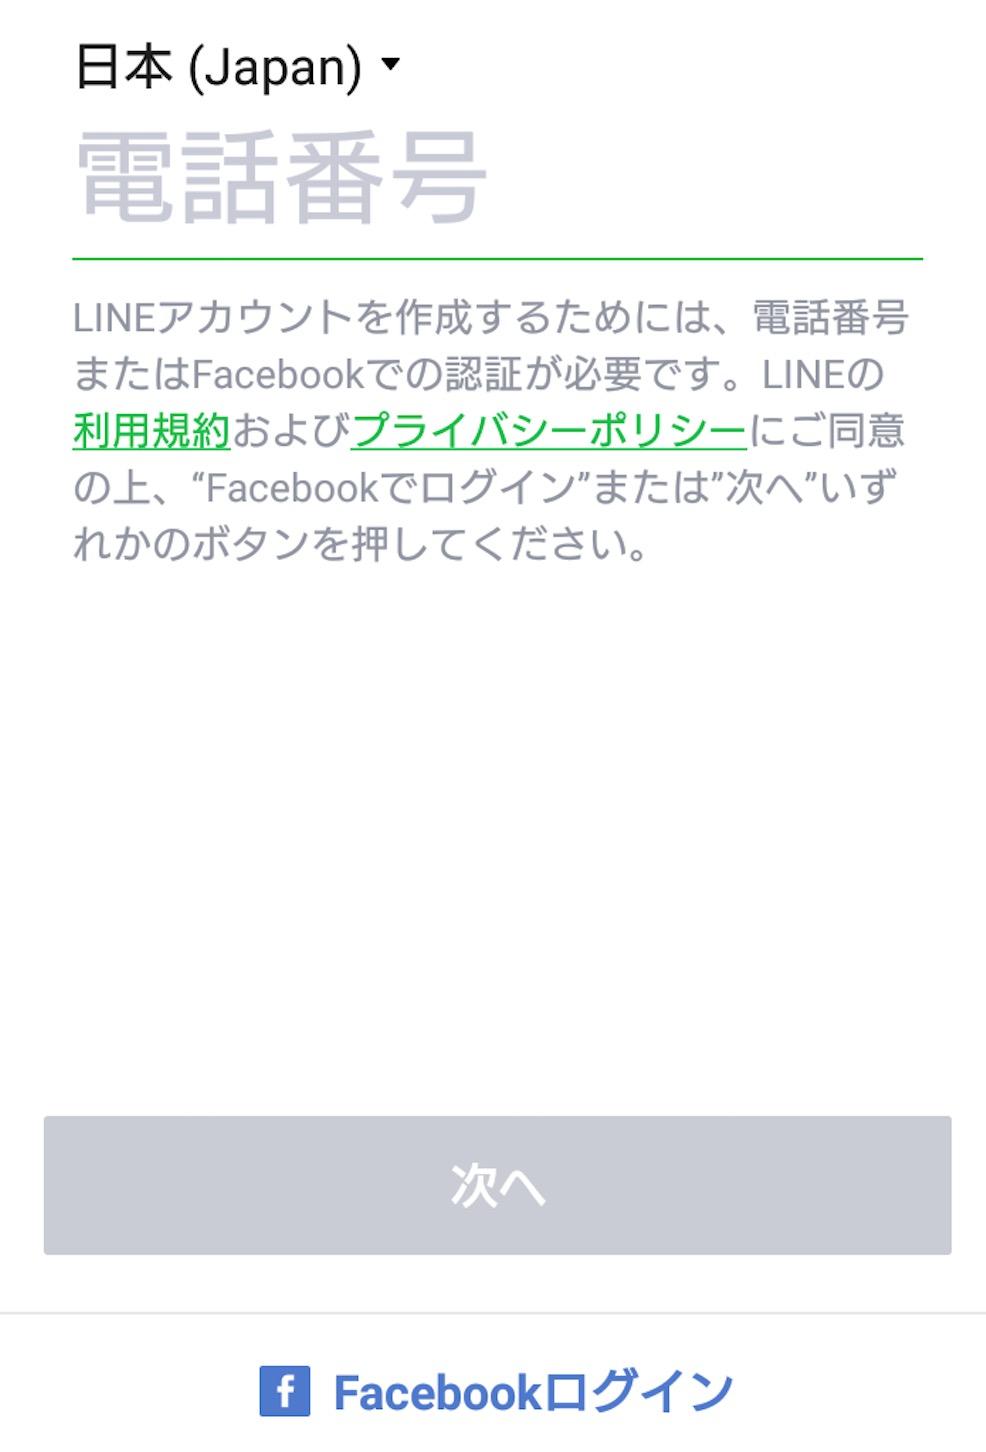 スクリーンショット 2016-09-05 20.07.02